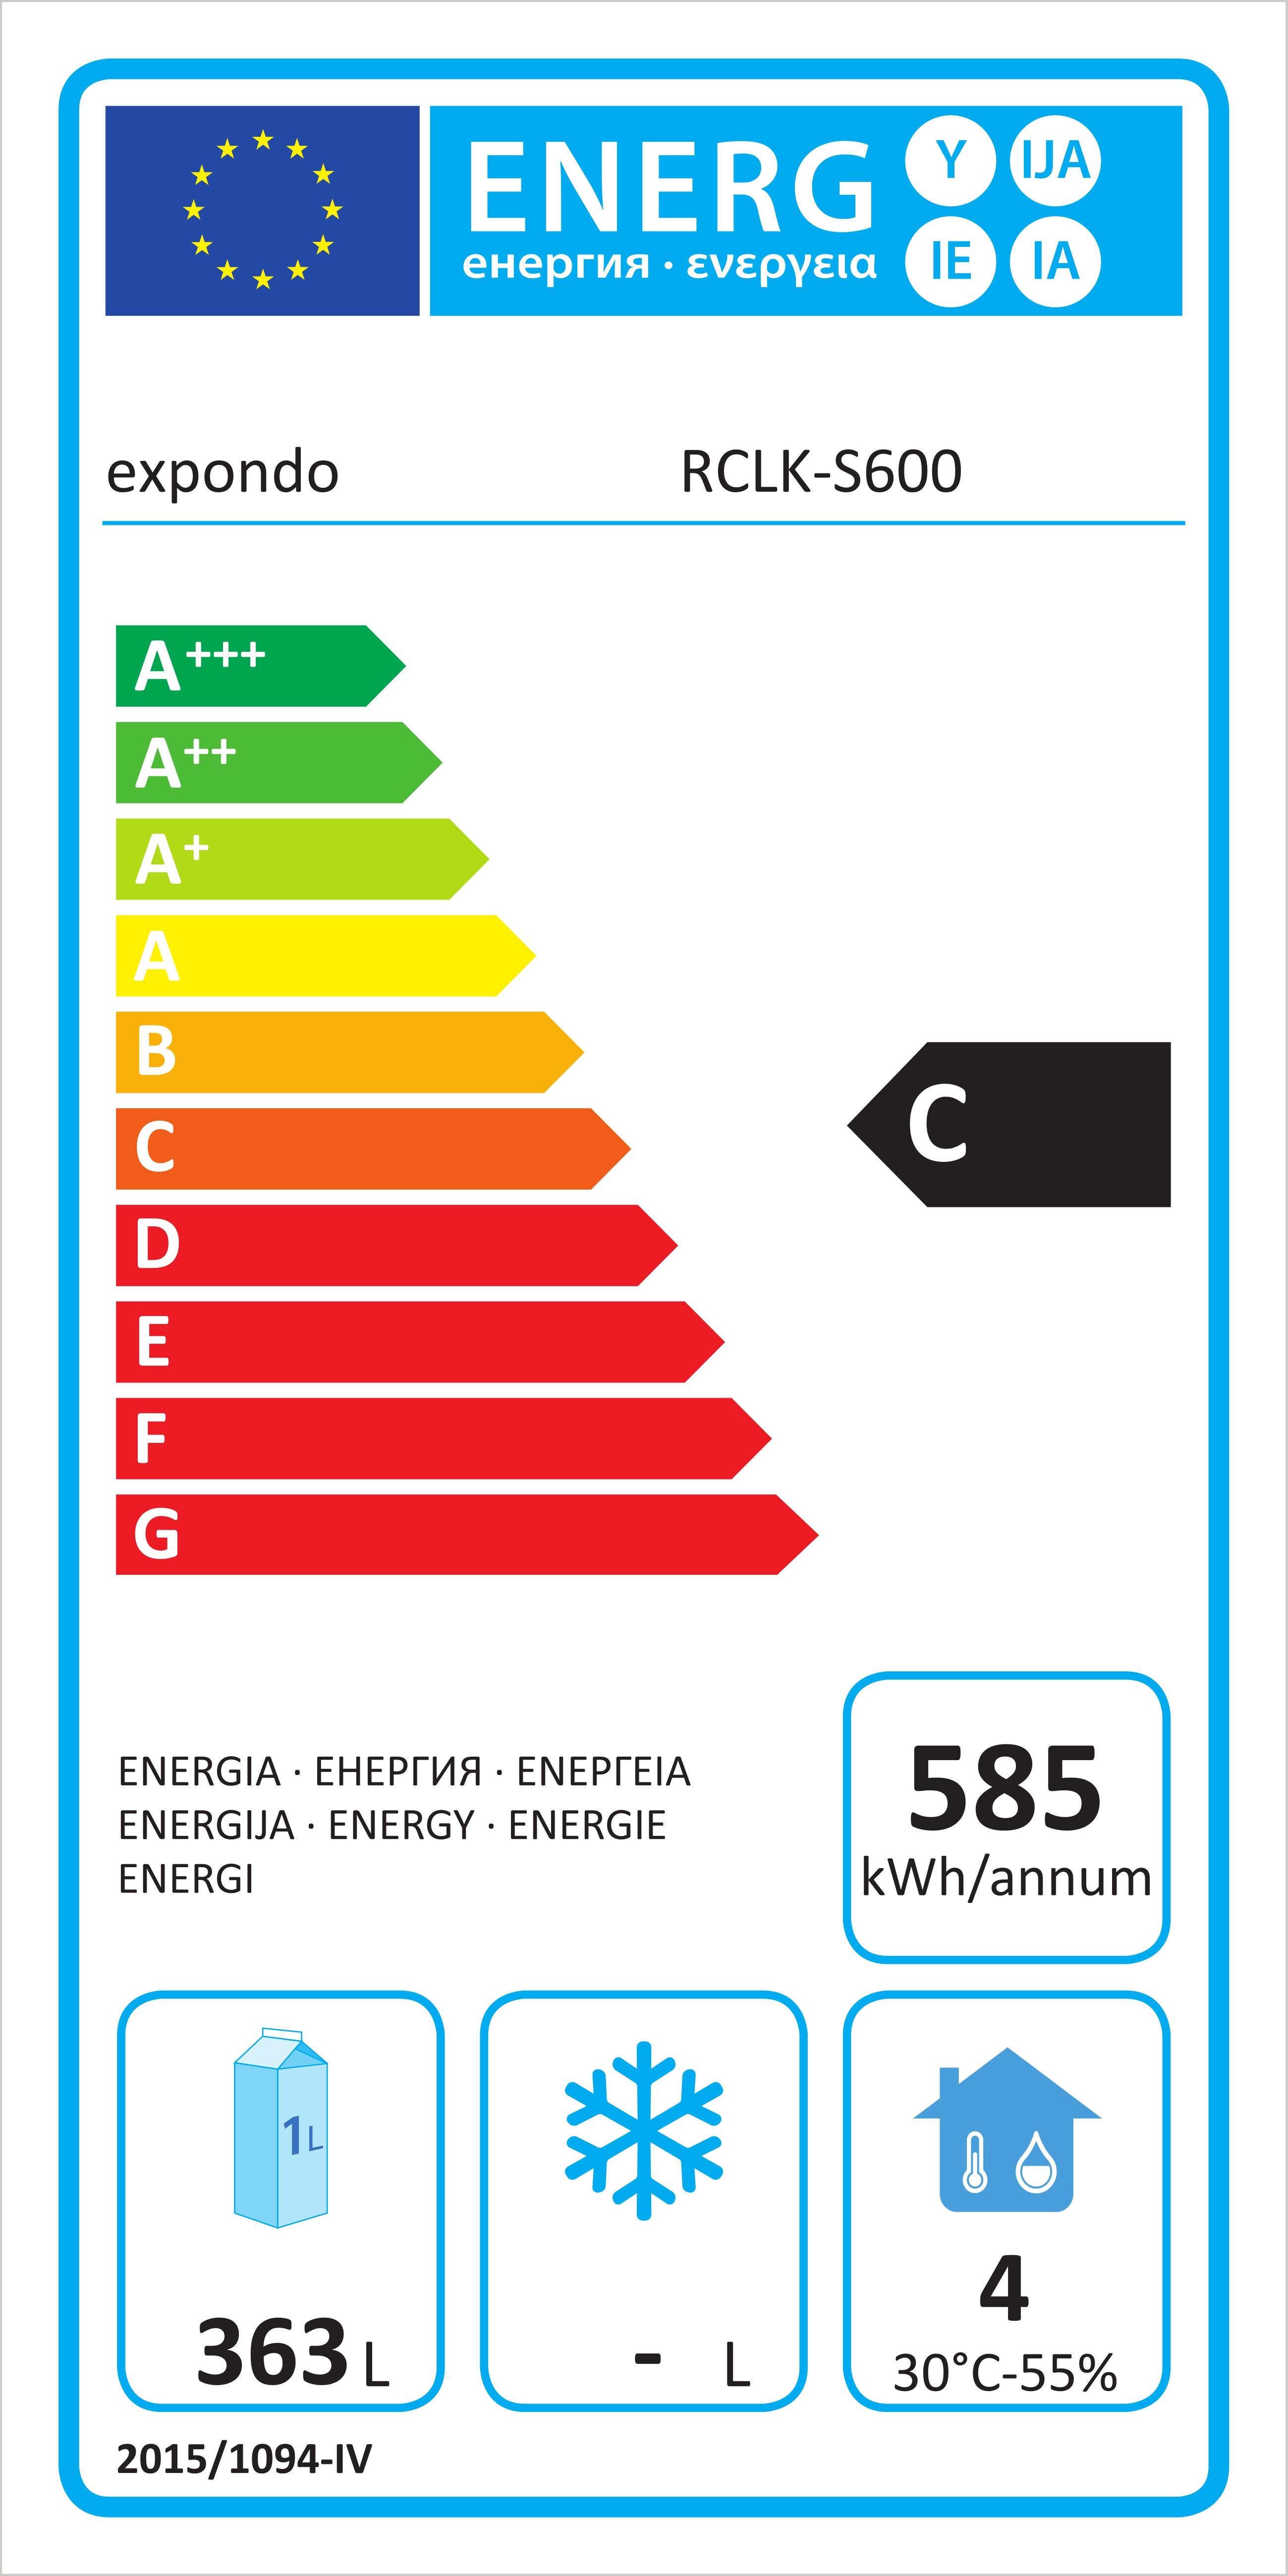 Anteprima: Amadio frigorifero professionale - 540 L - Acciaio inox -